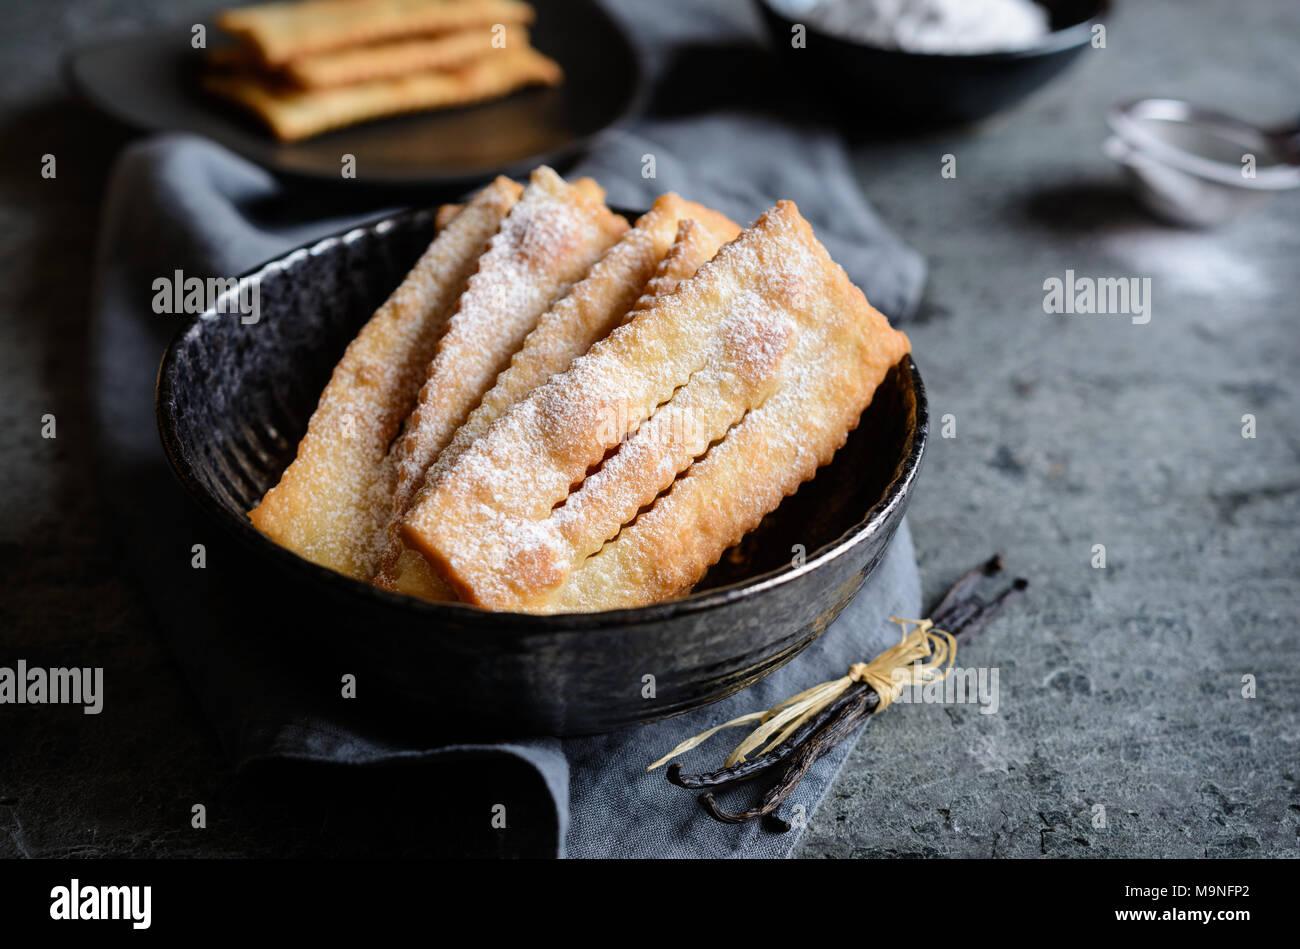 Chiacchiere - carnaval traditionnel italien pâtisseries sucrées Photo Stock